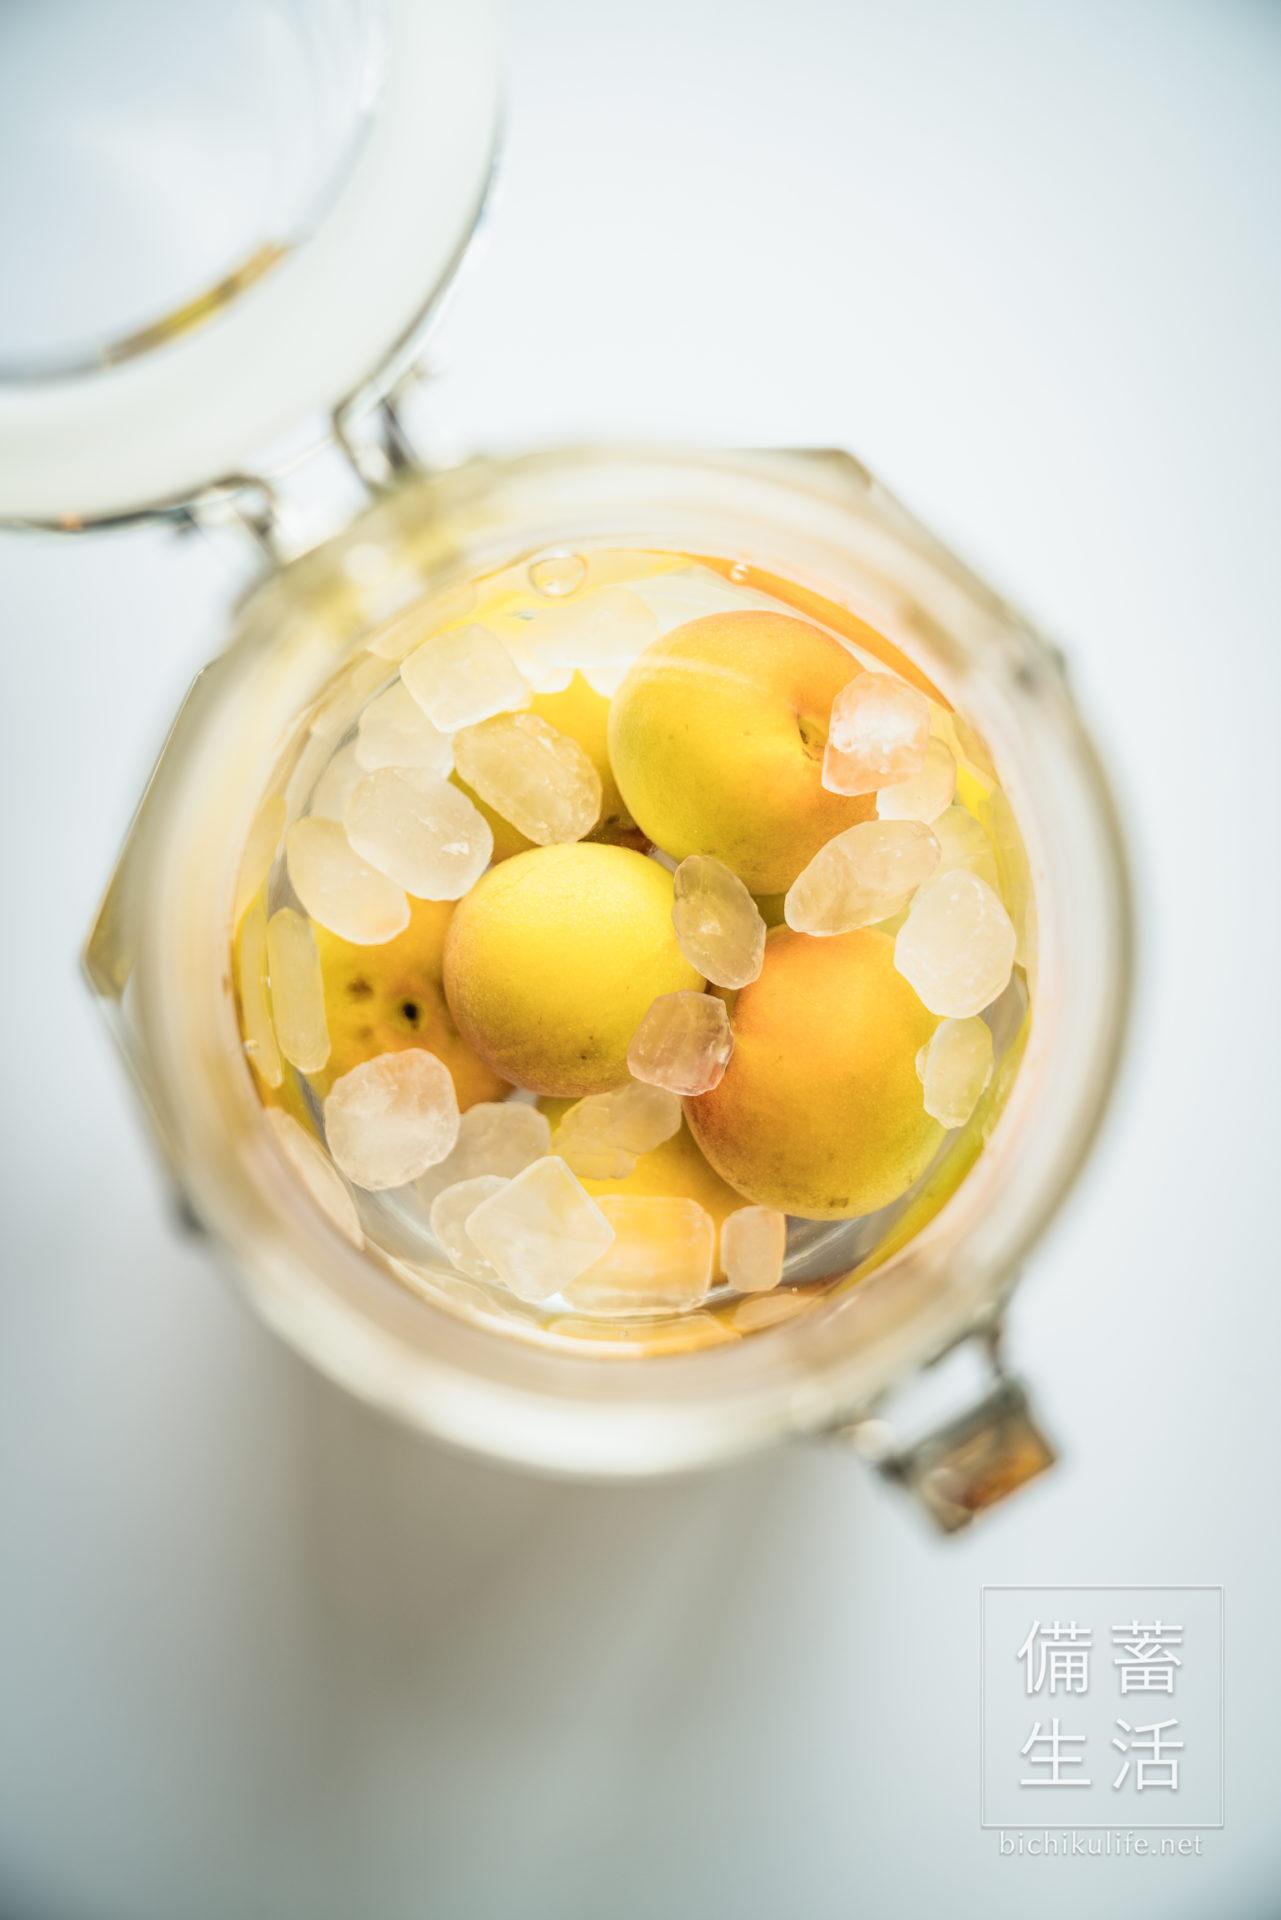 梅酒づくり 自家製梅酒を作るアイデア、完熟南高梅の自家製梅酒